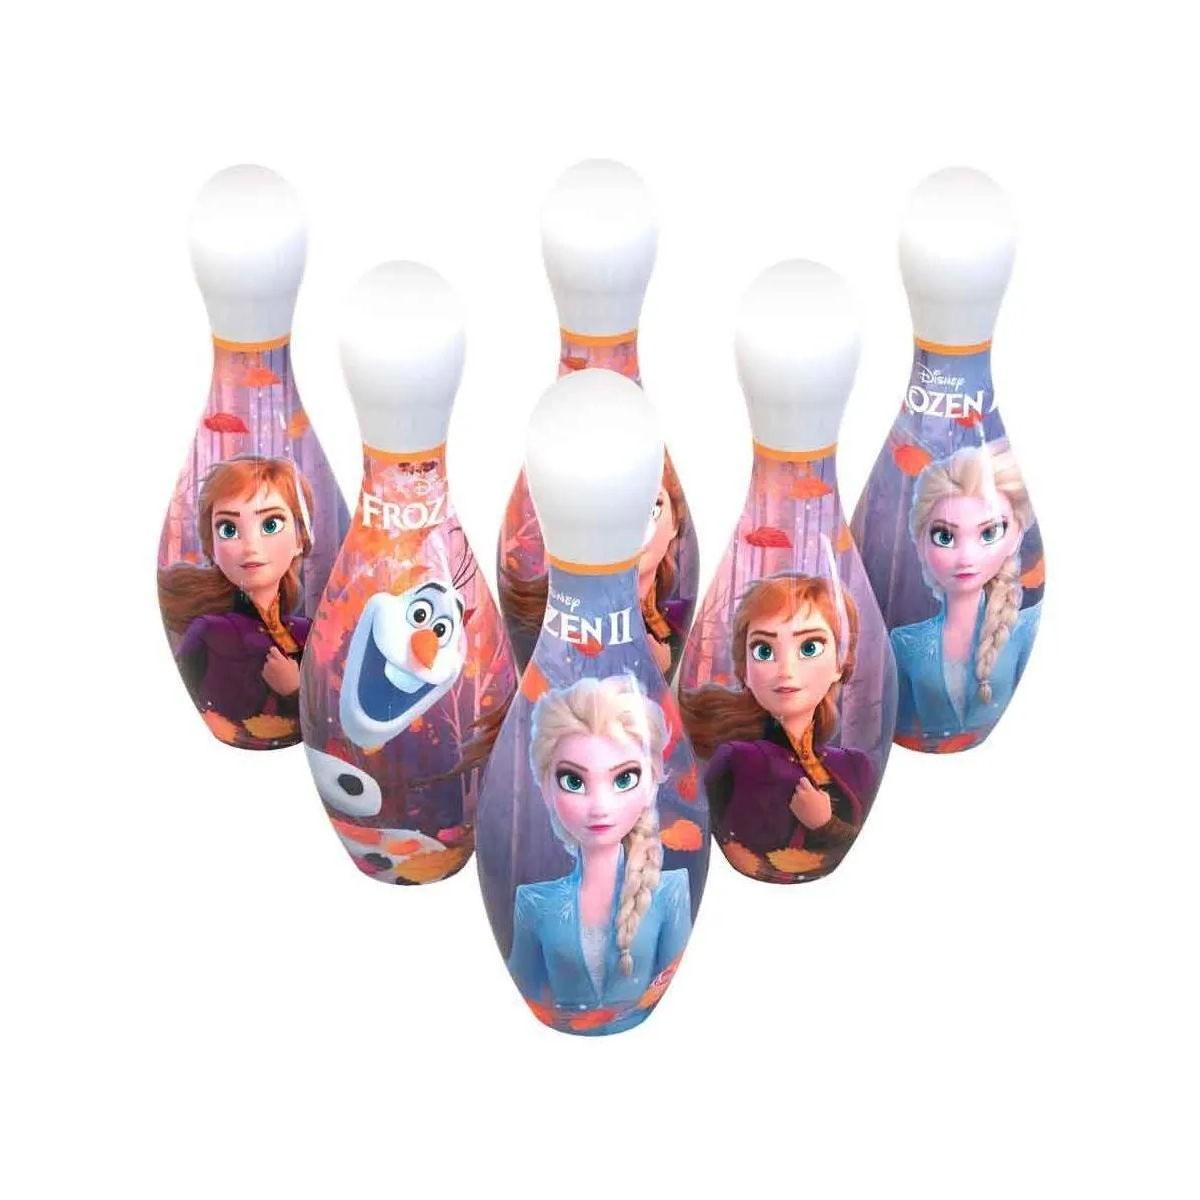 Jogo de Boliche Frozen 2 Infantil Disney 8 Peças 695